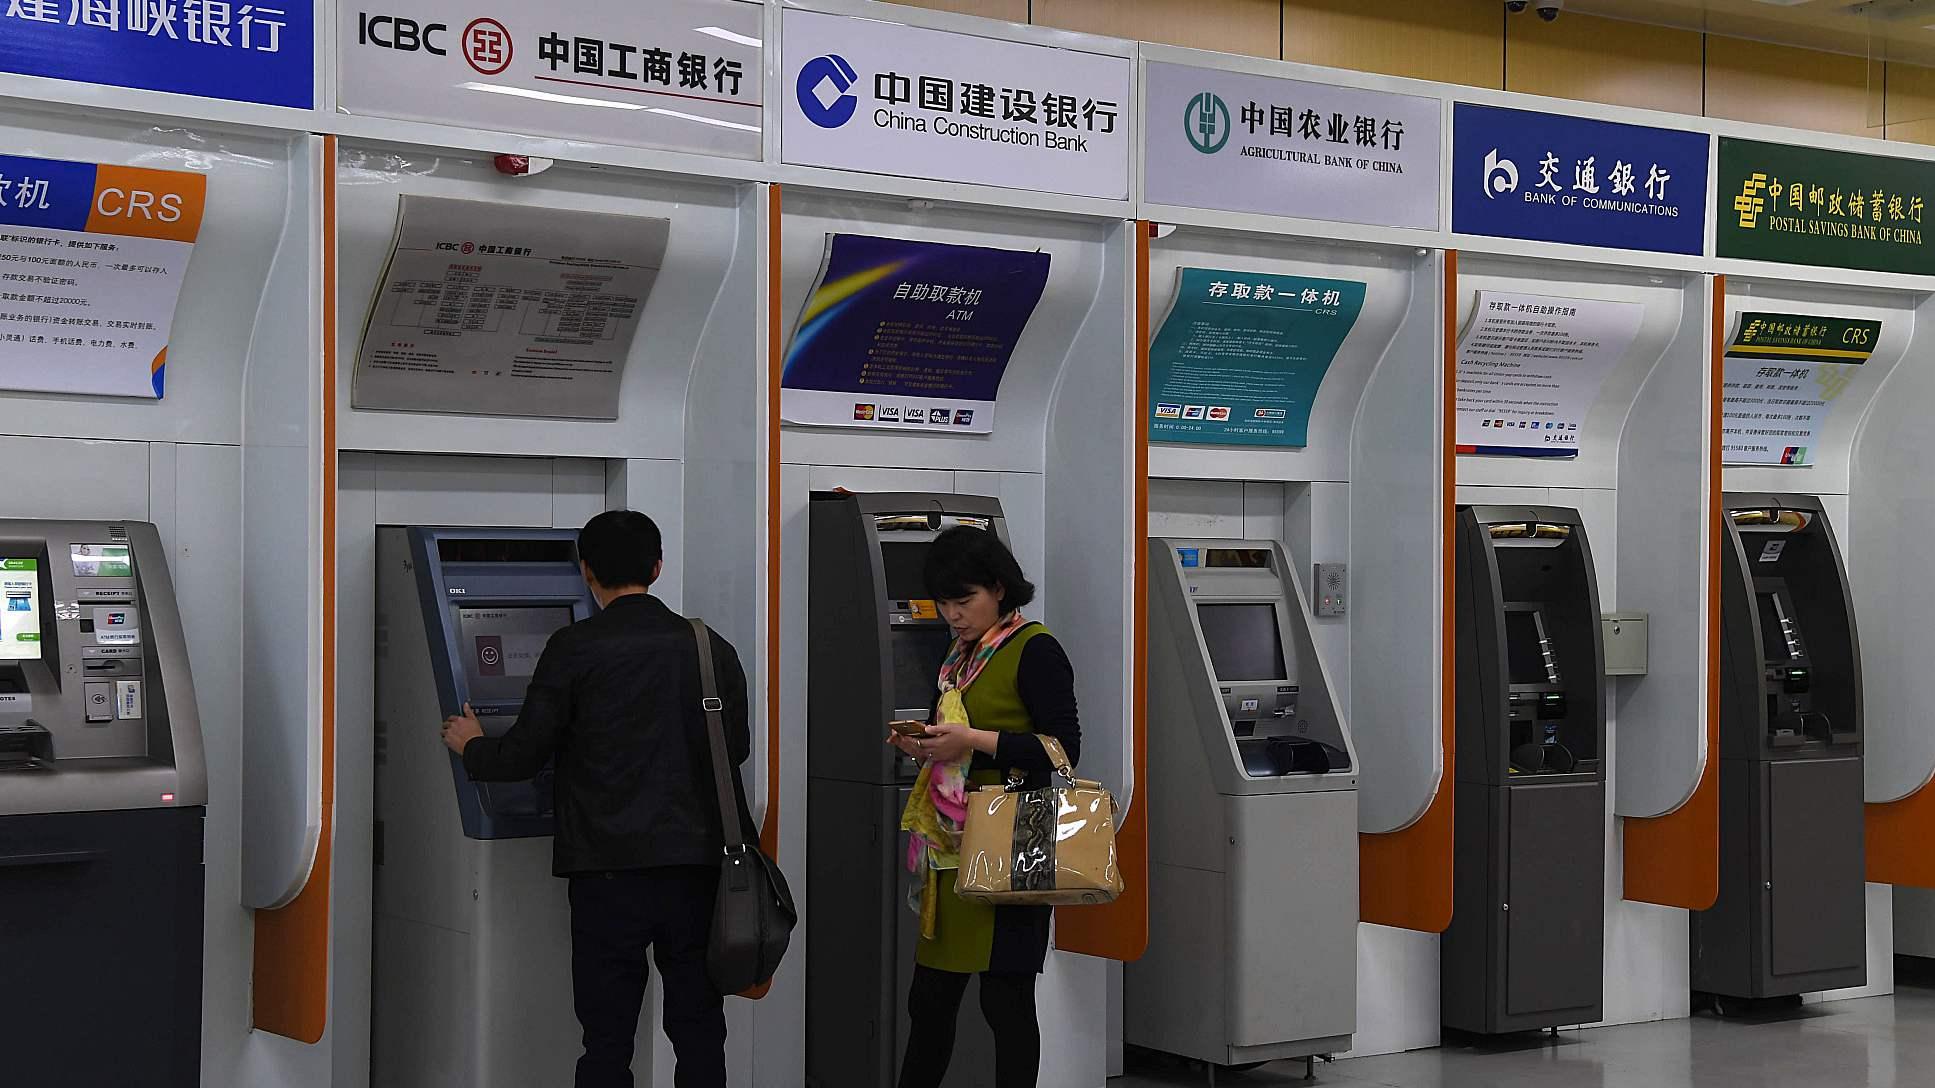 Банковский счет в Китае: Почему могут подвергнуть проверке